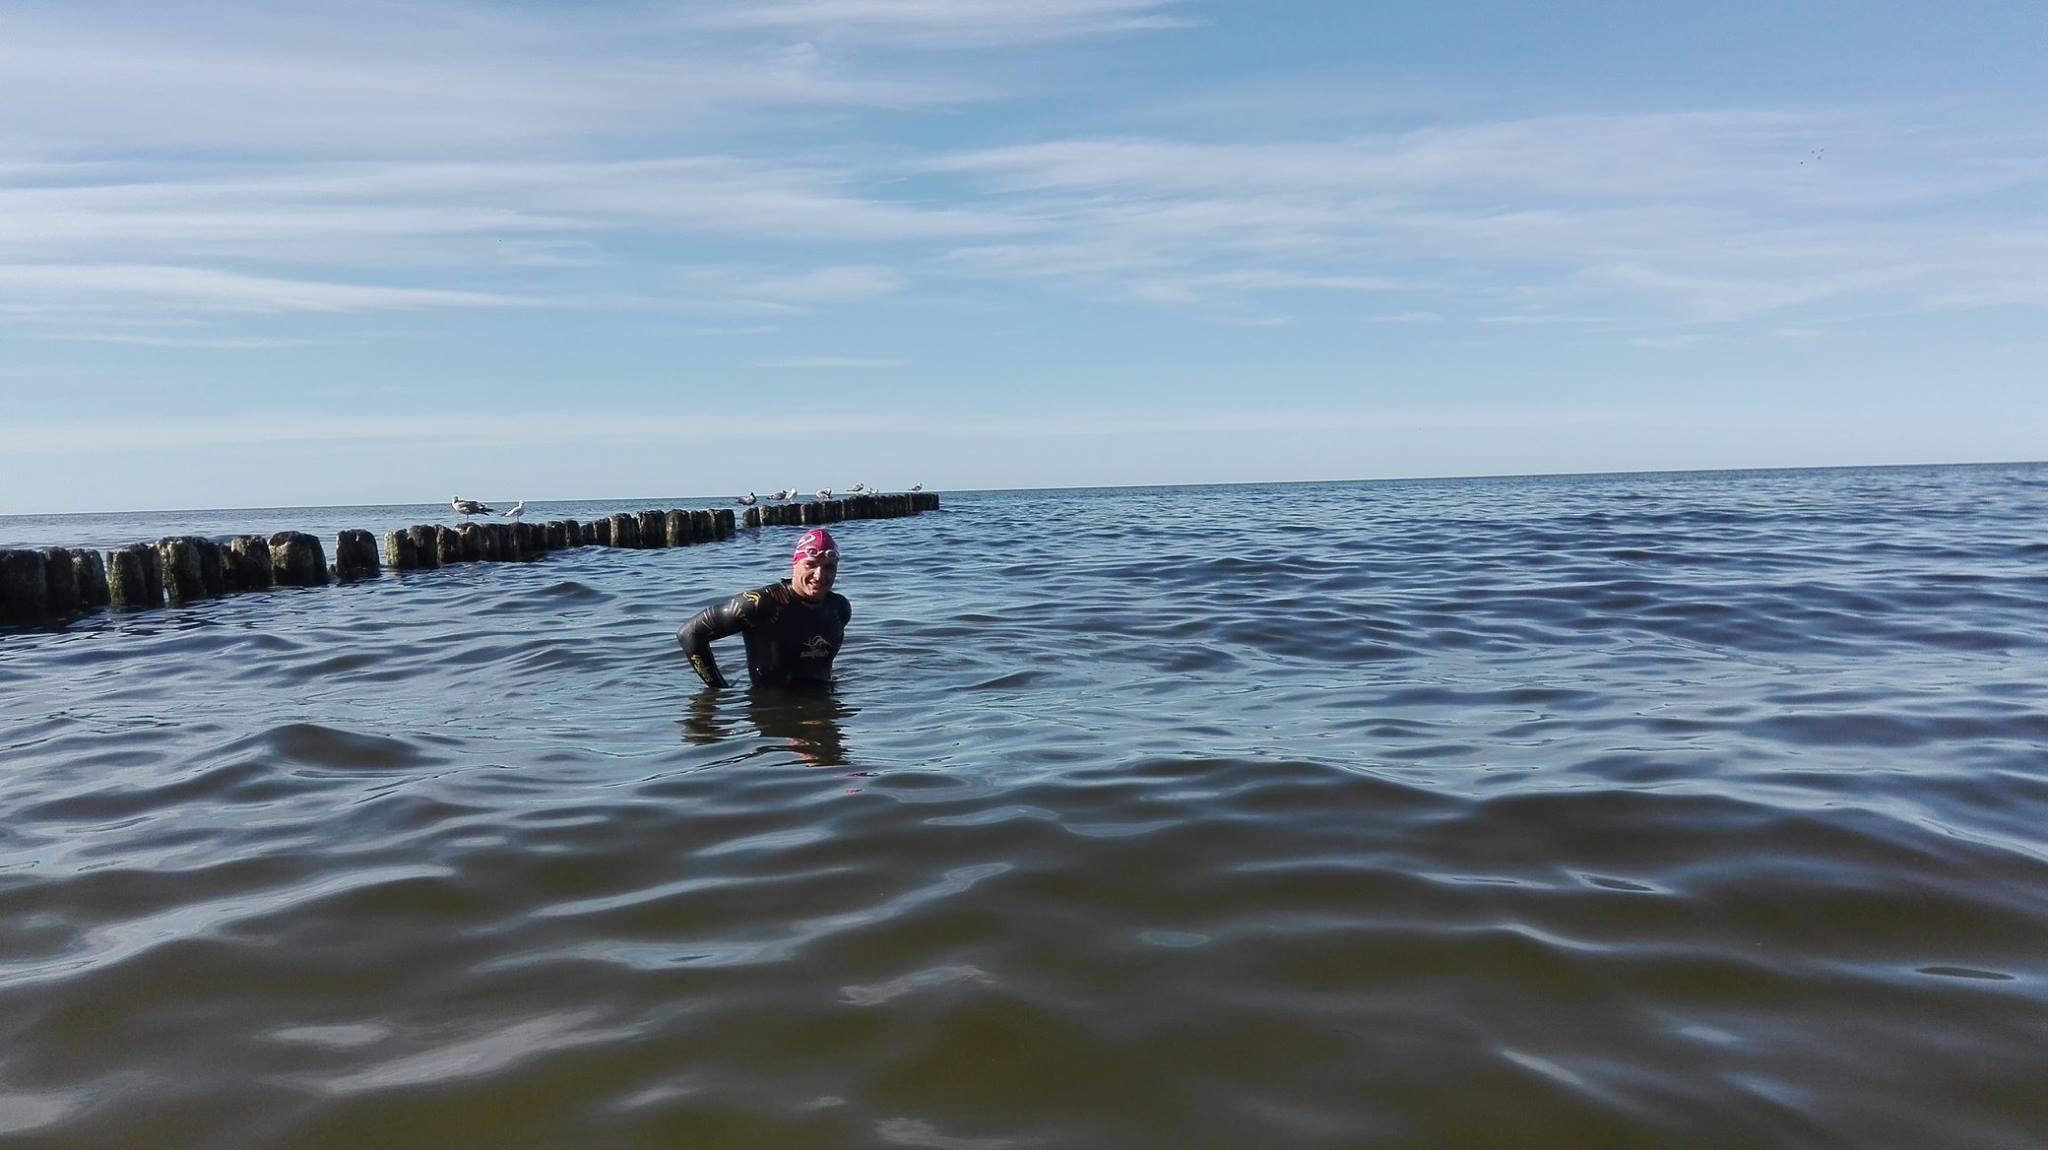 Впервые в истории человек вплавь пересек Балтийское море